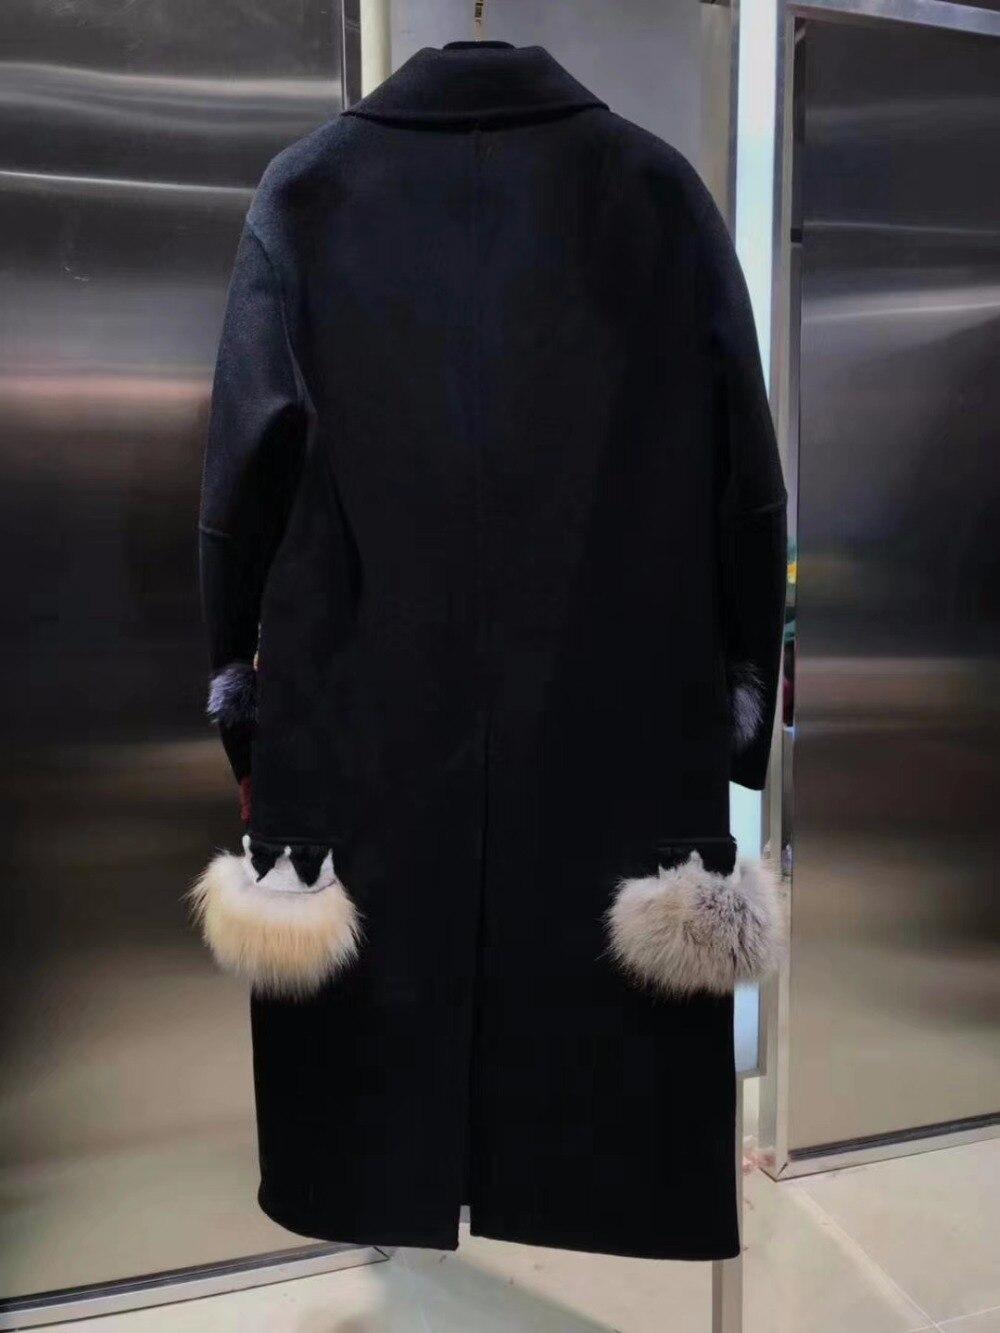 De Garder Street Casaco Femmes Mode Manteau Laine Vadim Épissage Ourlet D'hiver Femme High Au Femelle Chaud Sq8nWw651